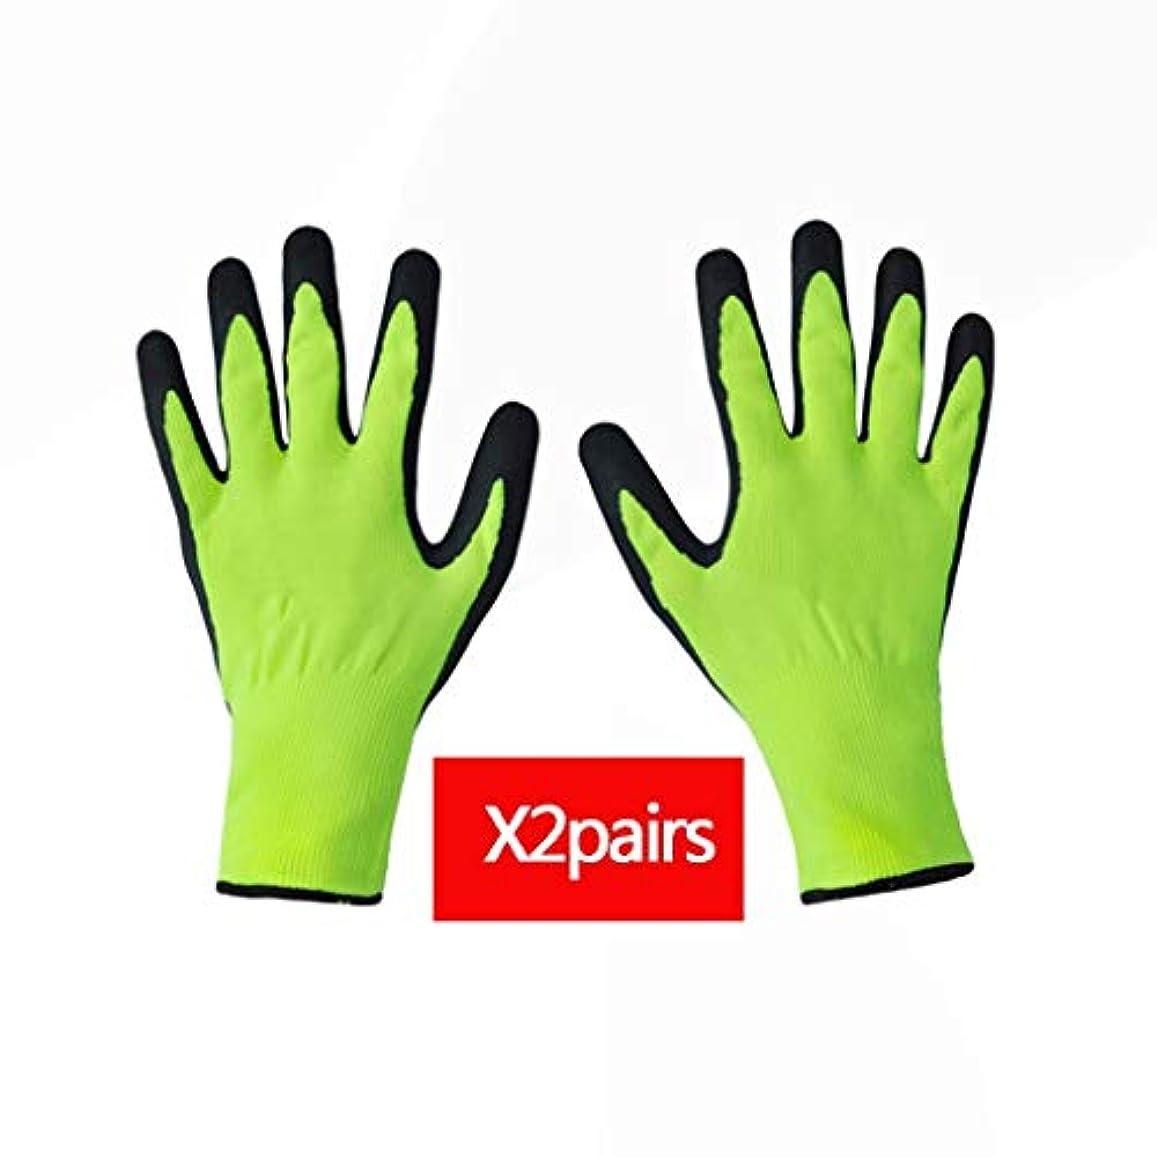 決定最も社員LIUXIN ラバーコート手袋浸した工業用労働保護手袋通気性1袋2ペアマルチサイズオプション ゴム手袋 (Size : M)